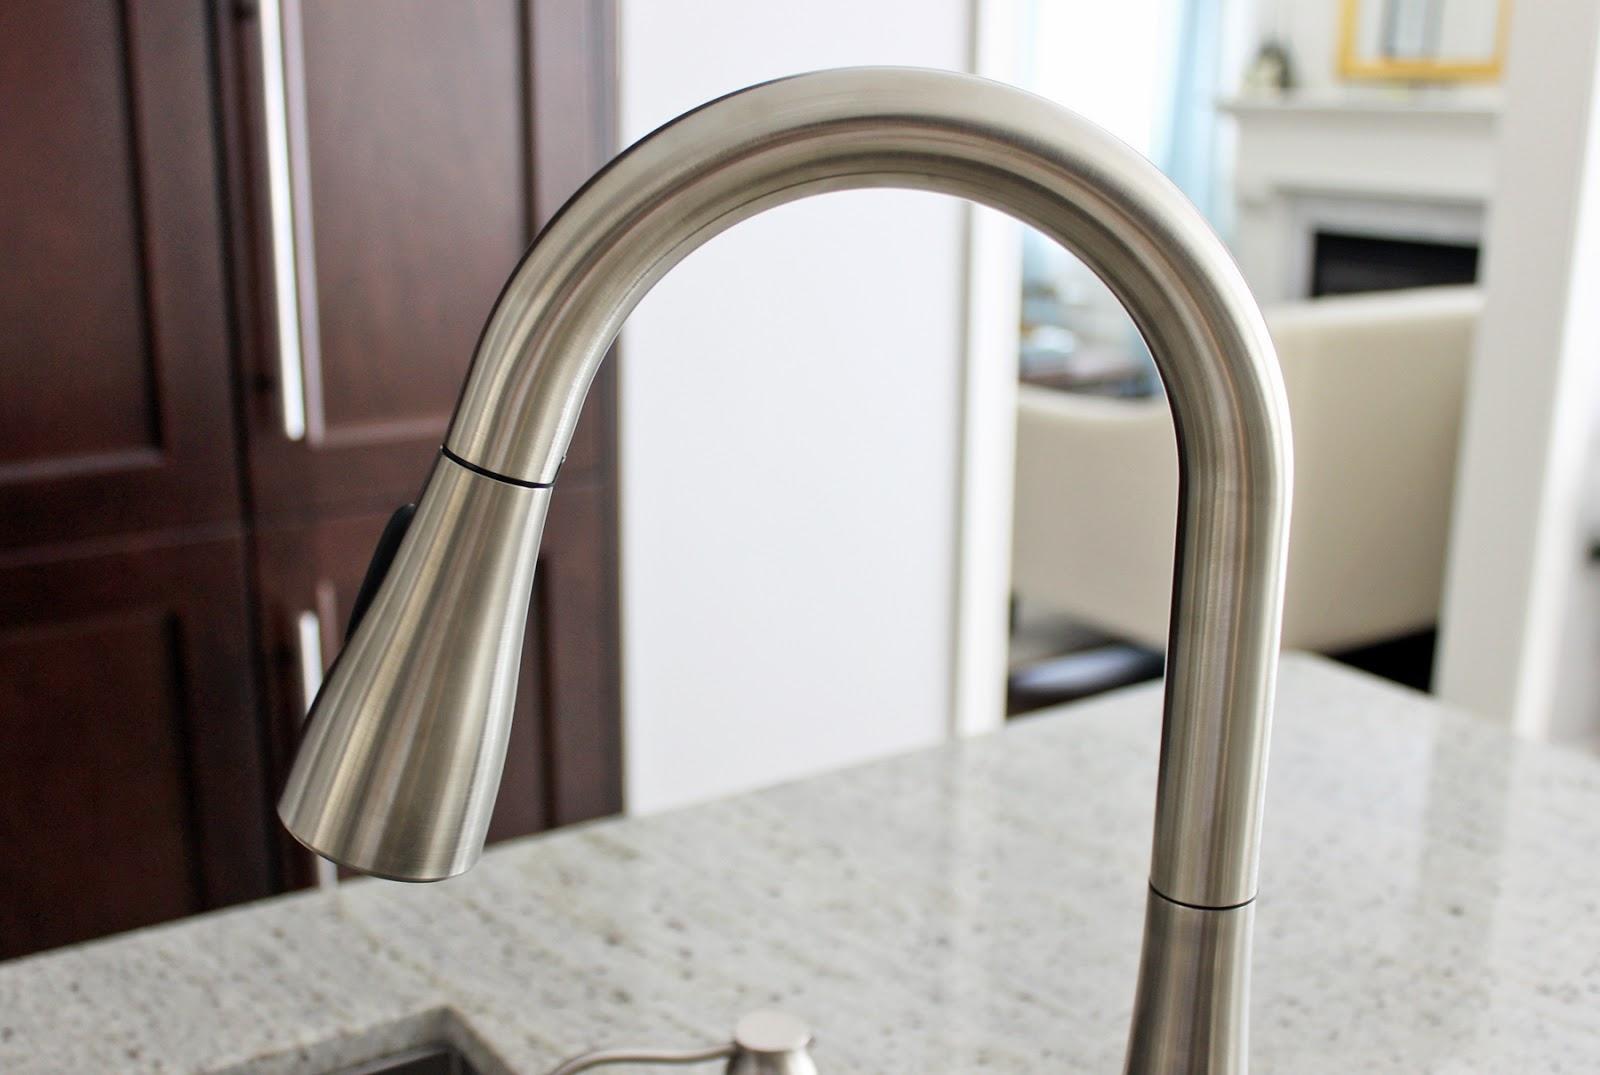 moen faucet handle tightening moen faucet handle tightening moen kitchen faucet moen kitchen moen kitchen faucets help moen 1600 x 1075